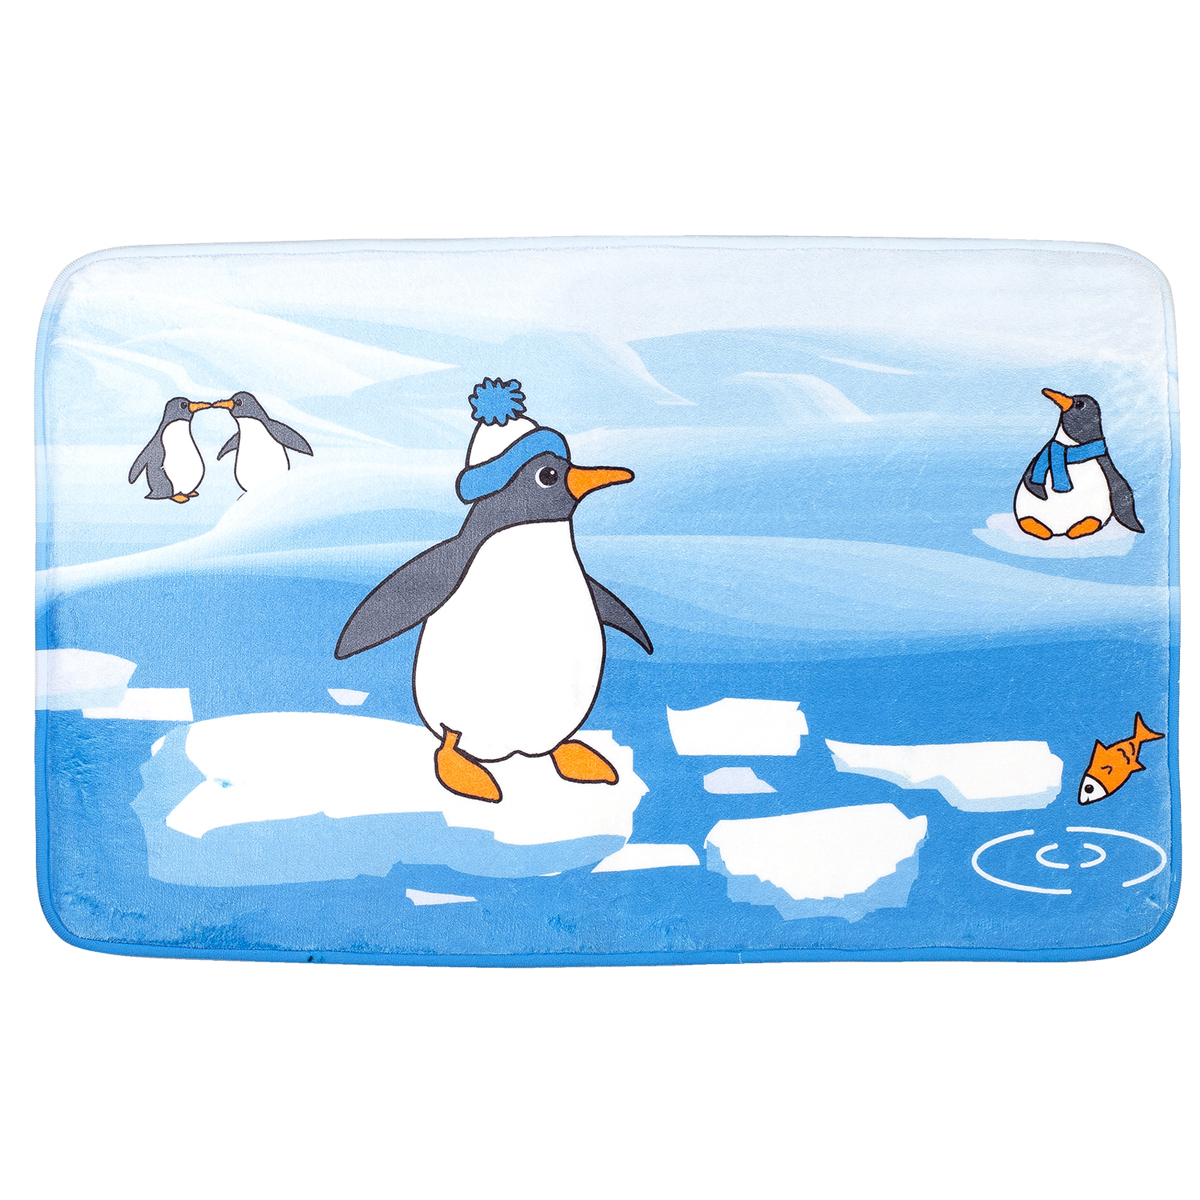 Коврик для ванной комнаты Tatkraft Penguins, 50 х 80 см18624Коврик для ванной комнаты Tatkraft Penguins изготовлен из микрофибры Ultra Soft - мягкого, приятного на ощупь материала. Коврик отлично поглощает и впитывает влагу. Основание - противоскользящее, оно предотвращает скольжение коврика по полу. Яркий красочный рисунок с изображением пингвинов внесет оригинальную нотку в интерьер ванной комнаты. Коврики Tatkraft - прекрасное решение для ванной комнаты. Можно стирать в стиральной машине.